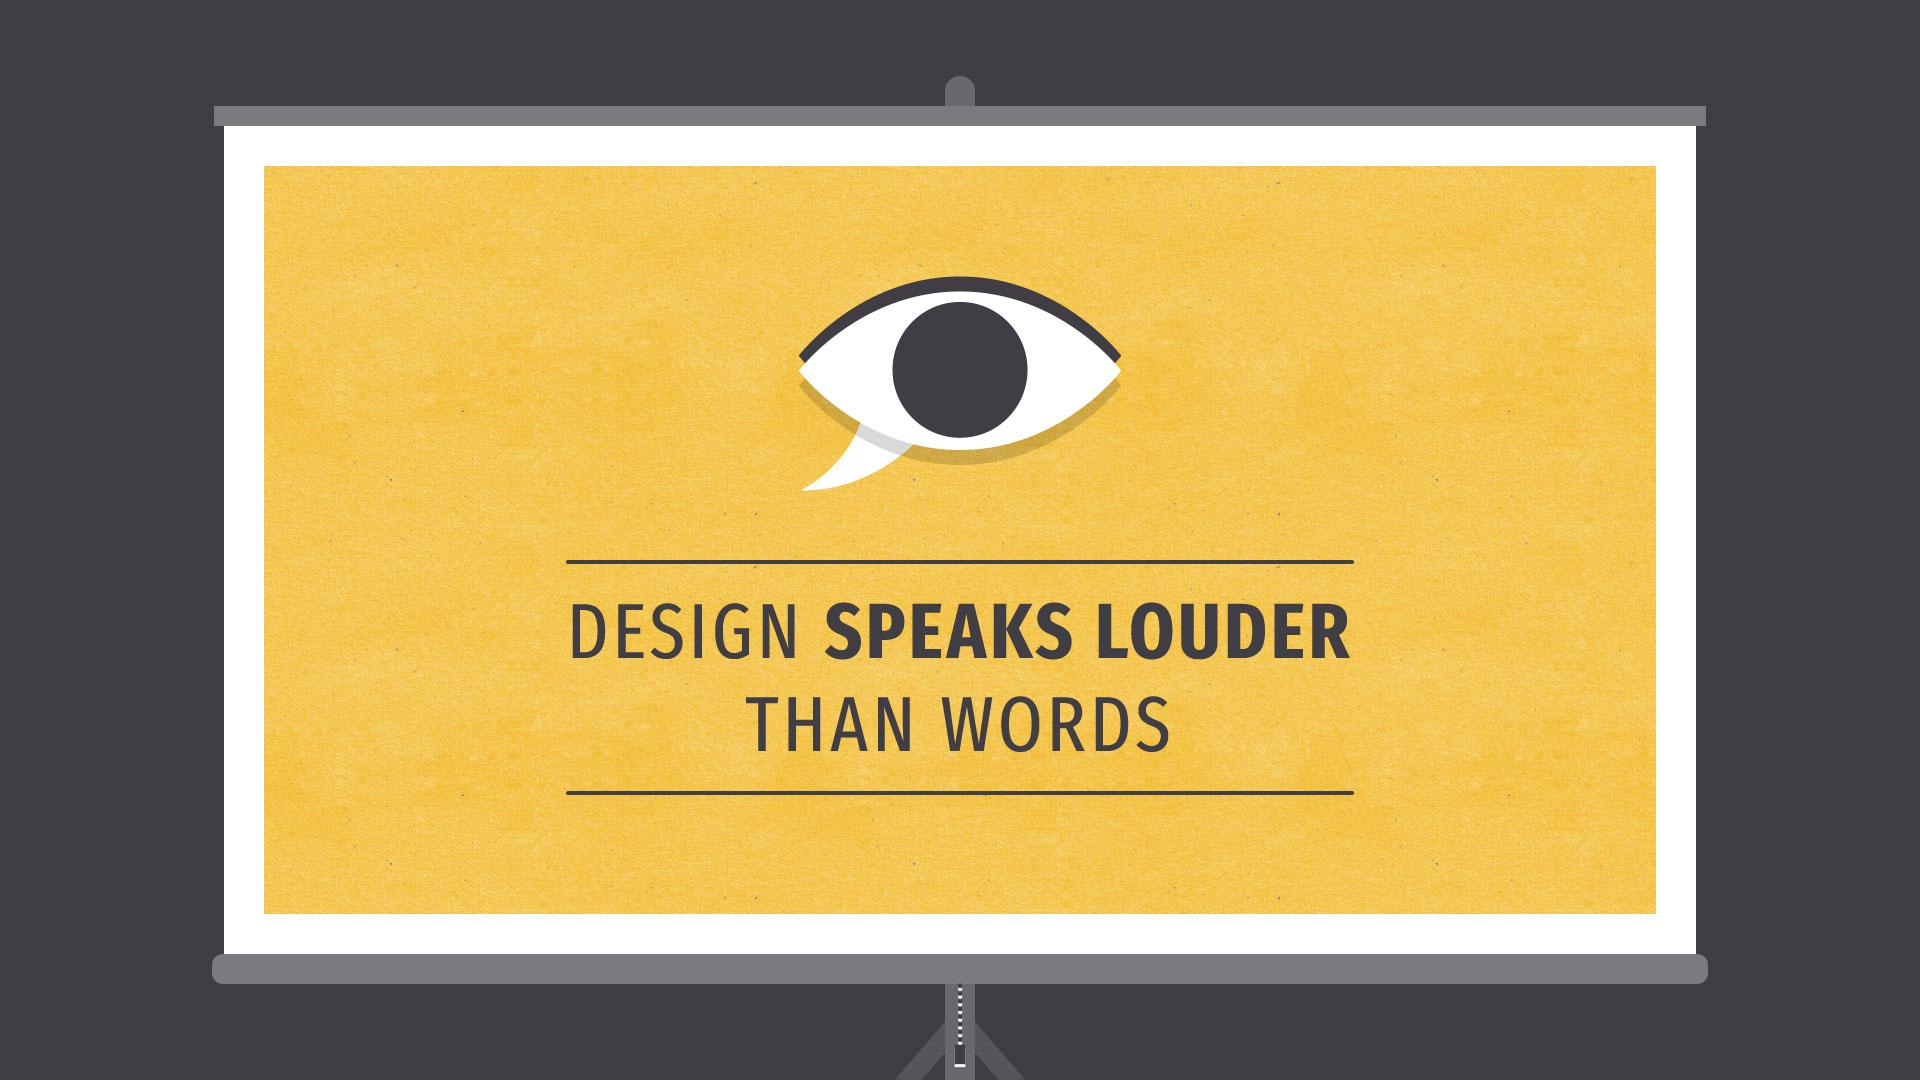 графика жана декоративдик сызыктар менен слайд